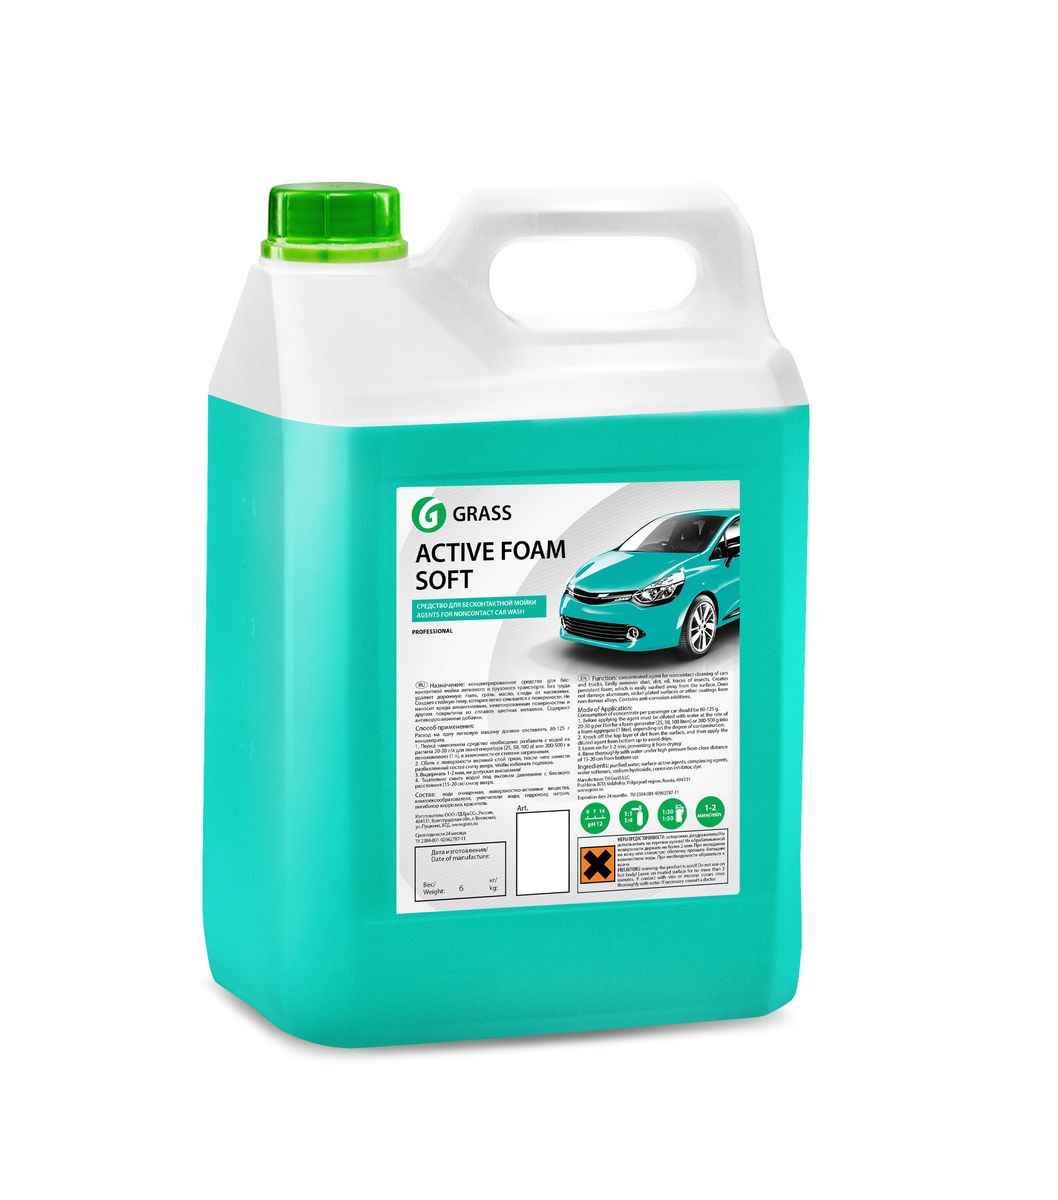 Активная пена Grass Active Foam Soft, 5,8 кг700205Активная пена Grass Active Foam Soft - это концентрированное средство для беcконтактной мойки легкового и грузового транспорта. Не наносит вреда алюминиевым, никелированным поверхностям и другим покрытиям из сплавов цветных металлов. Содержит антикоррозионные добавки. Перед нанесением средство необходимо разбавить с водой из расчета 1:30-1:50 (20-30 г/л) для пеногенератора (25, 50, 100 л) или 1:1-1:4 (200-500 г) в пенокомплект (1 л). Товар сертифицирован.